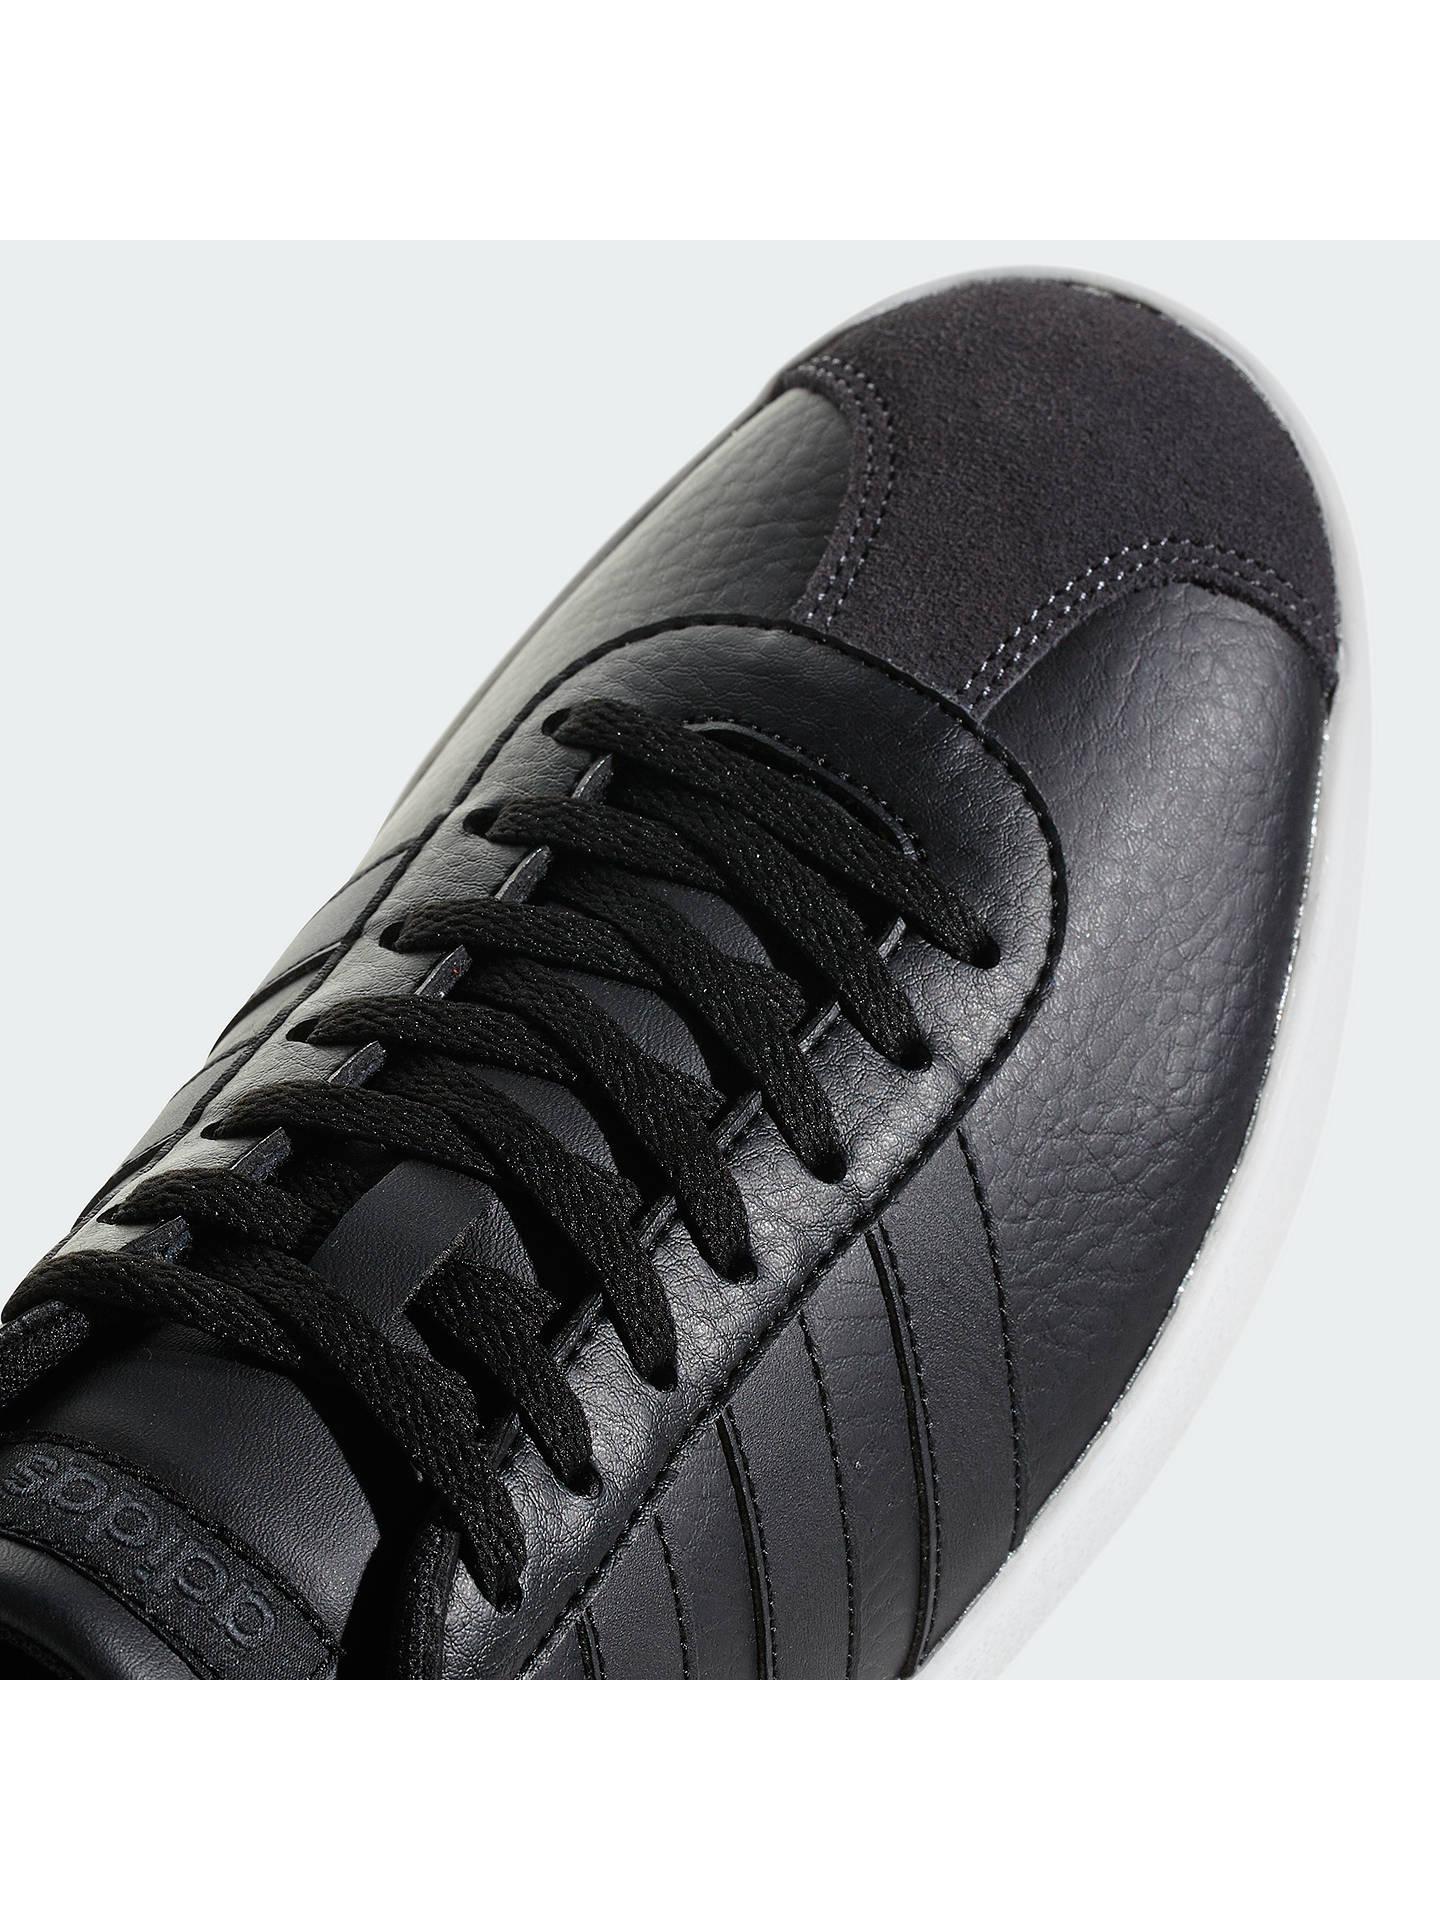 Authentique Saturer trop adidas vl court leather trainers mens ...